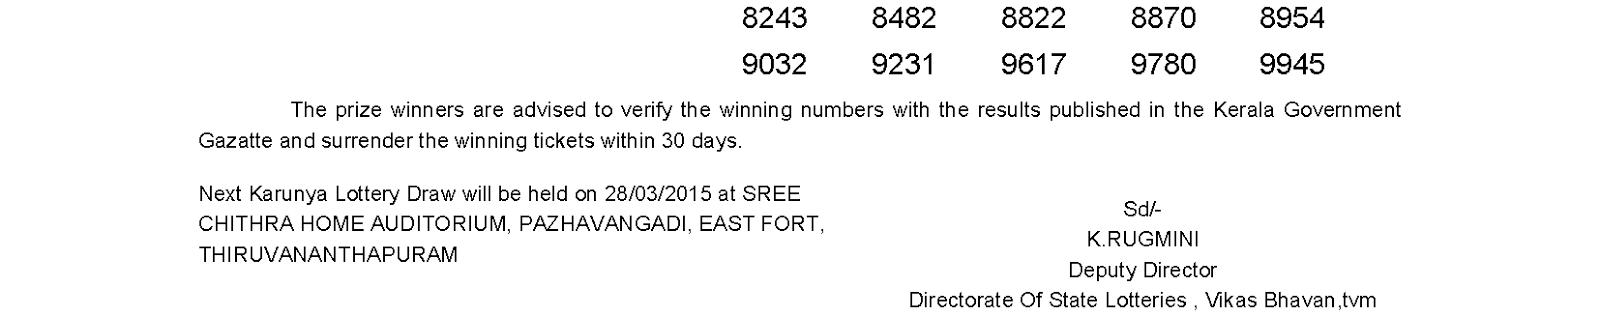 KARUNYA Lottery KR 182 Result 21-3-2015